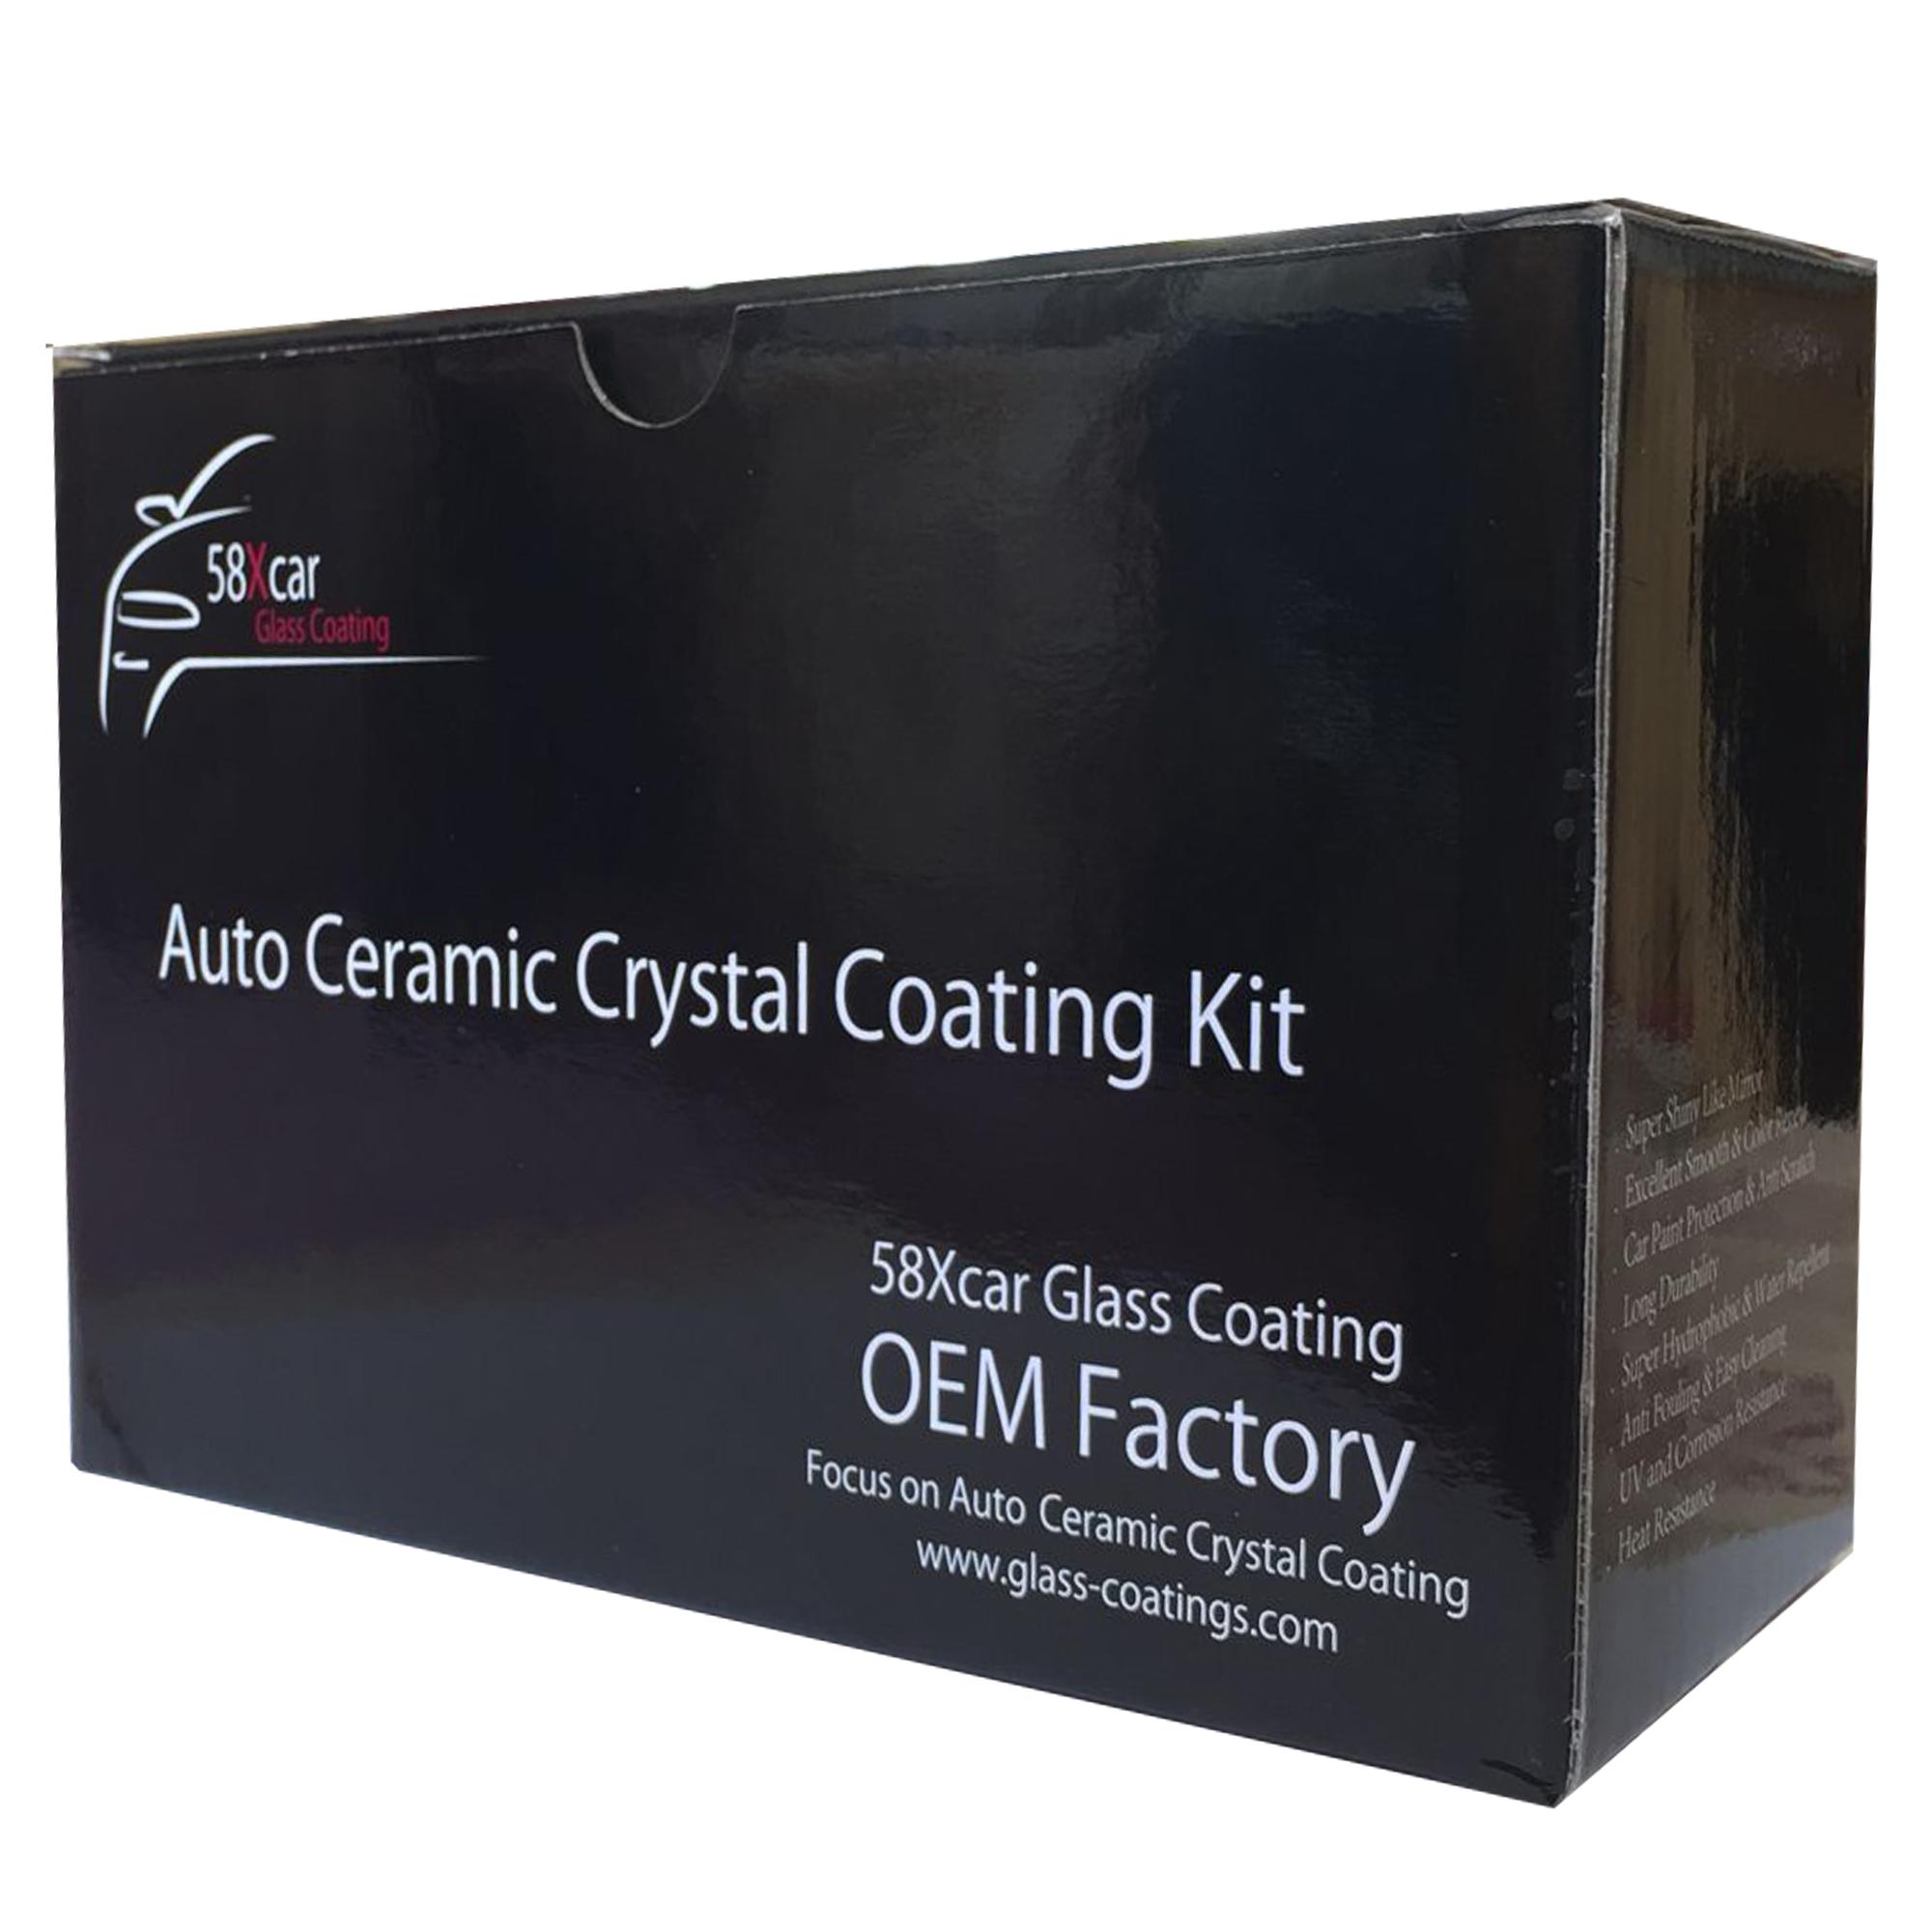 Auto Ceramic Coat 9h Pro Kit Usd65 Ceramic Glass